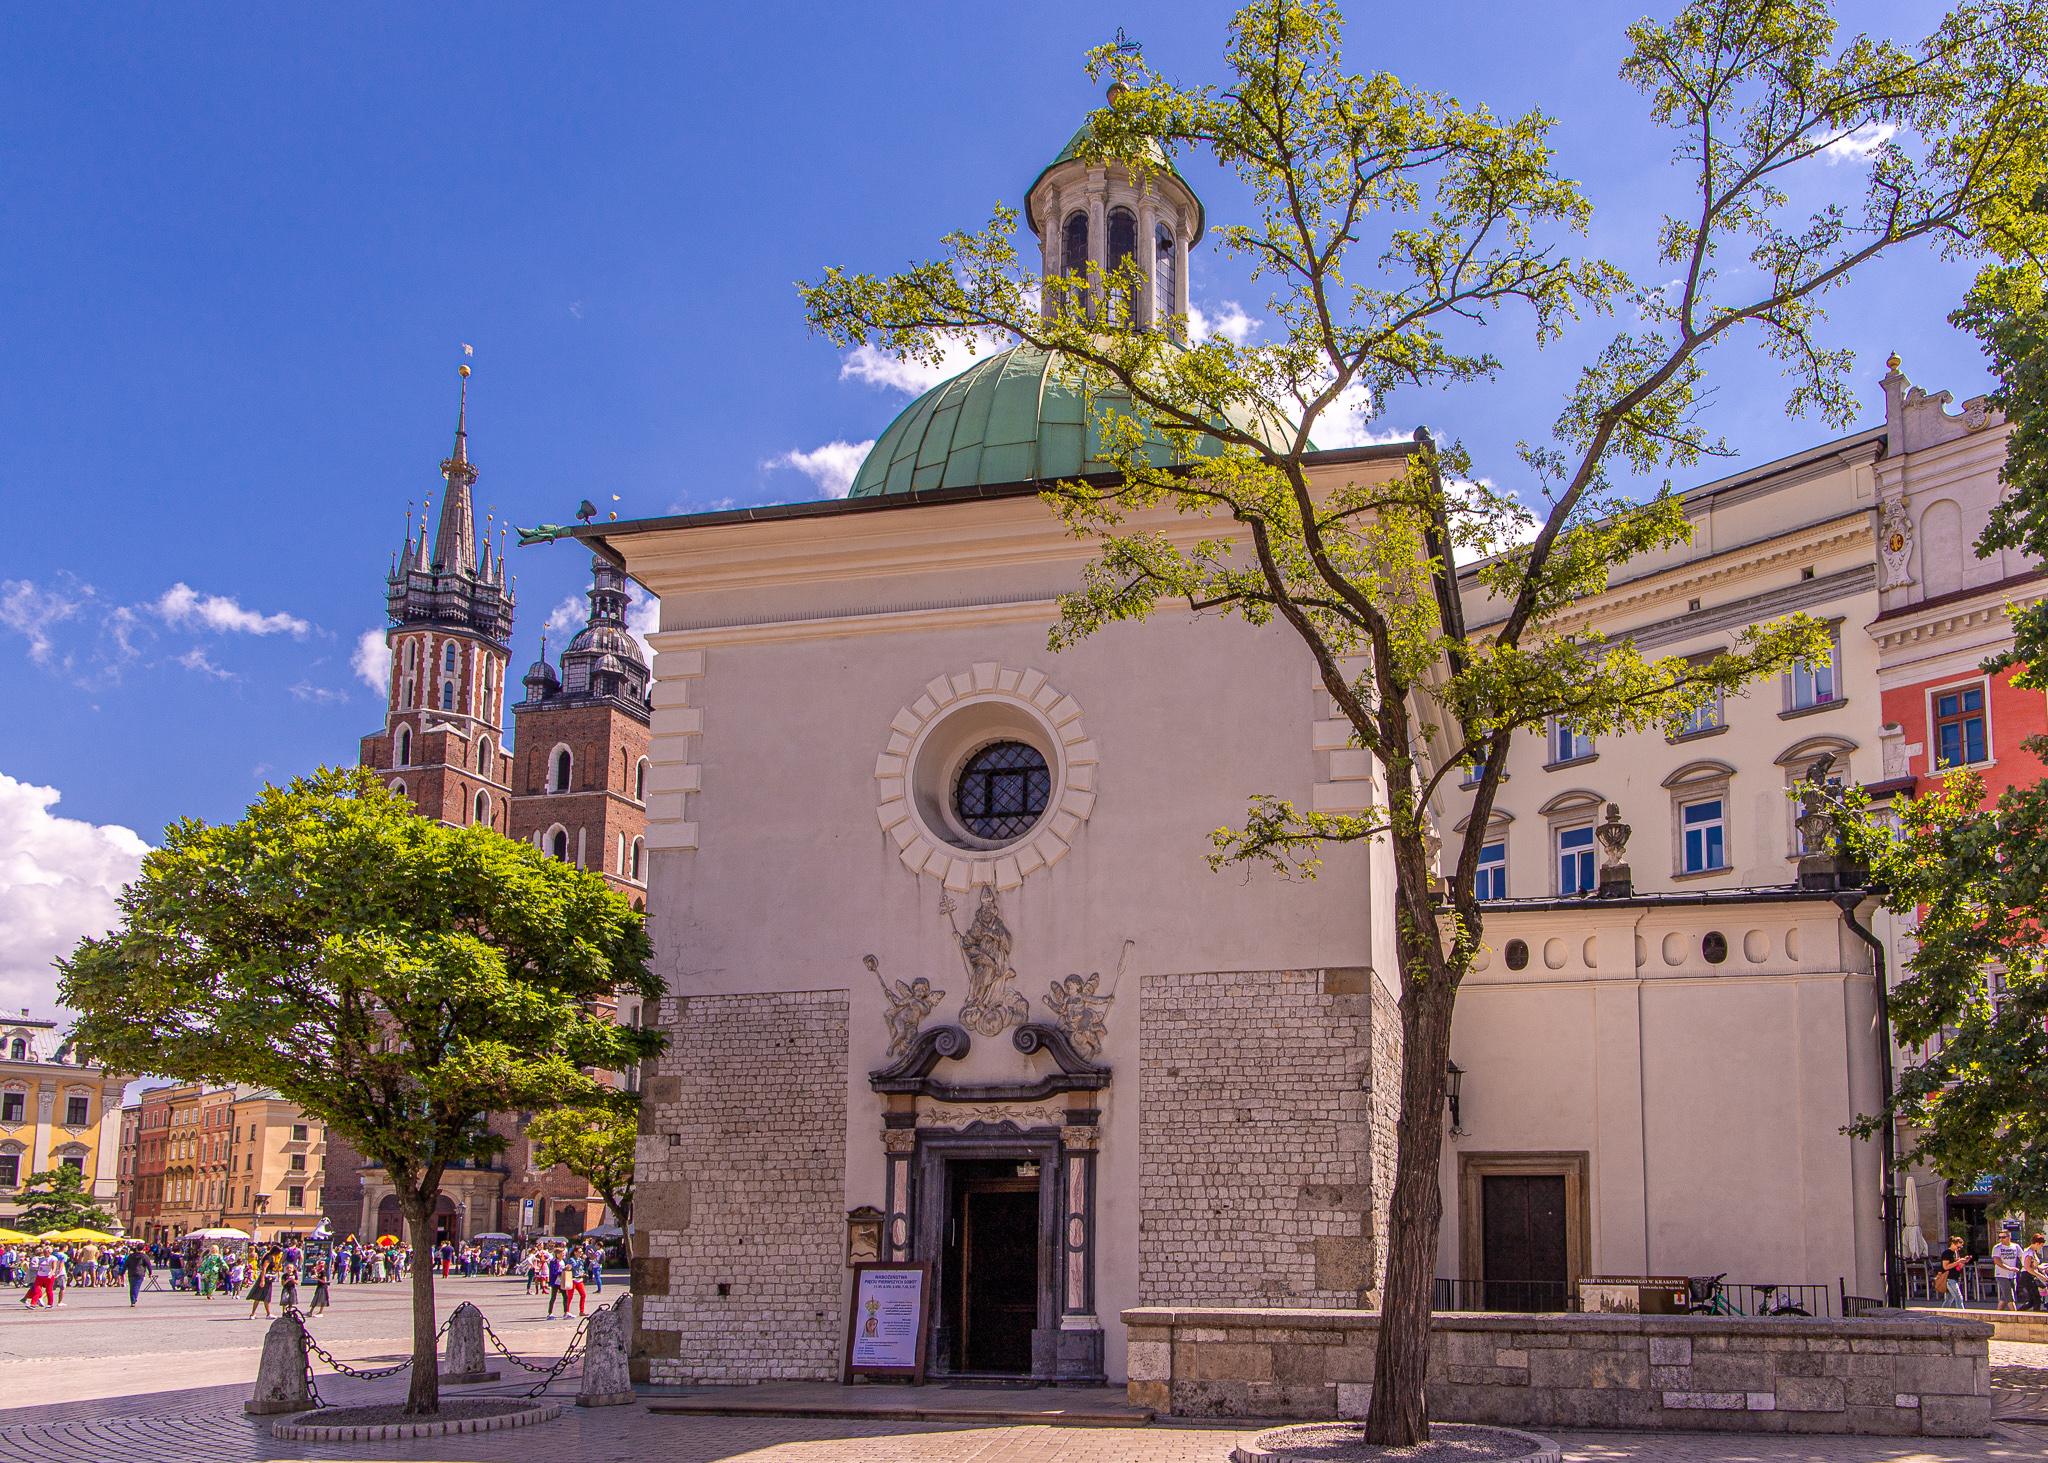 Church of Saint Wjeiech